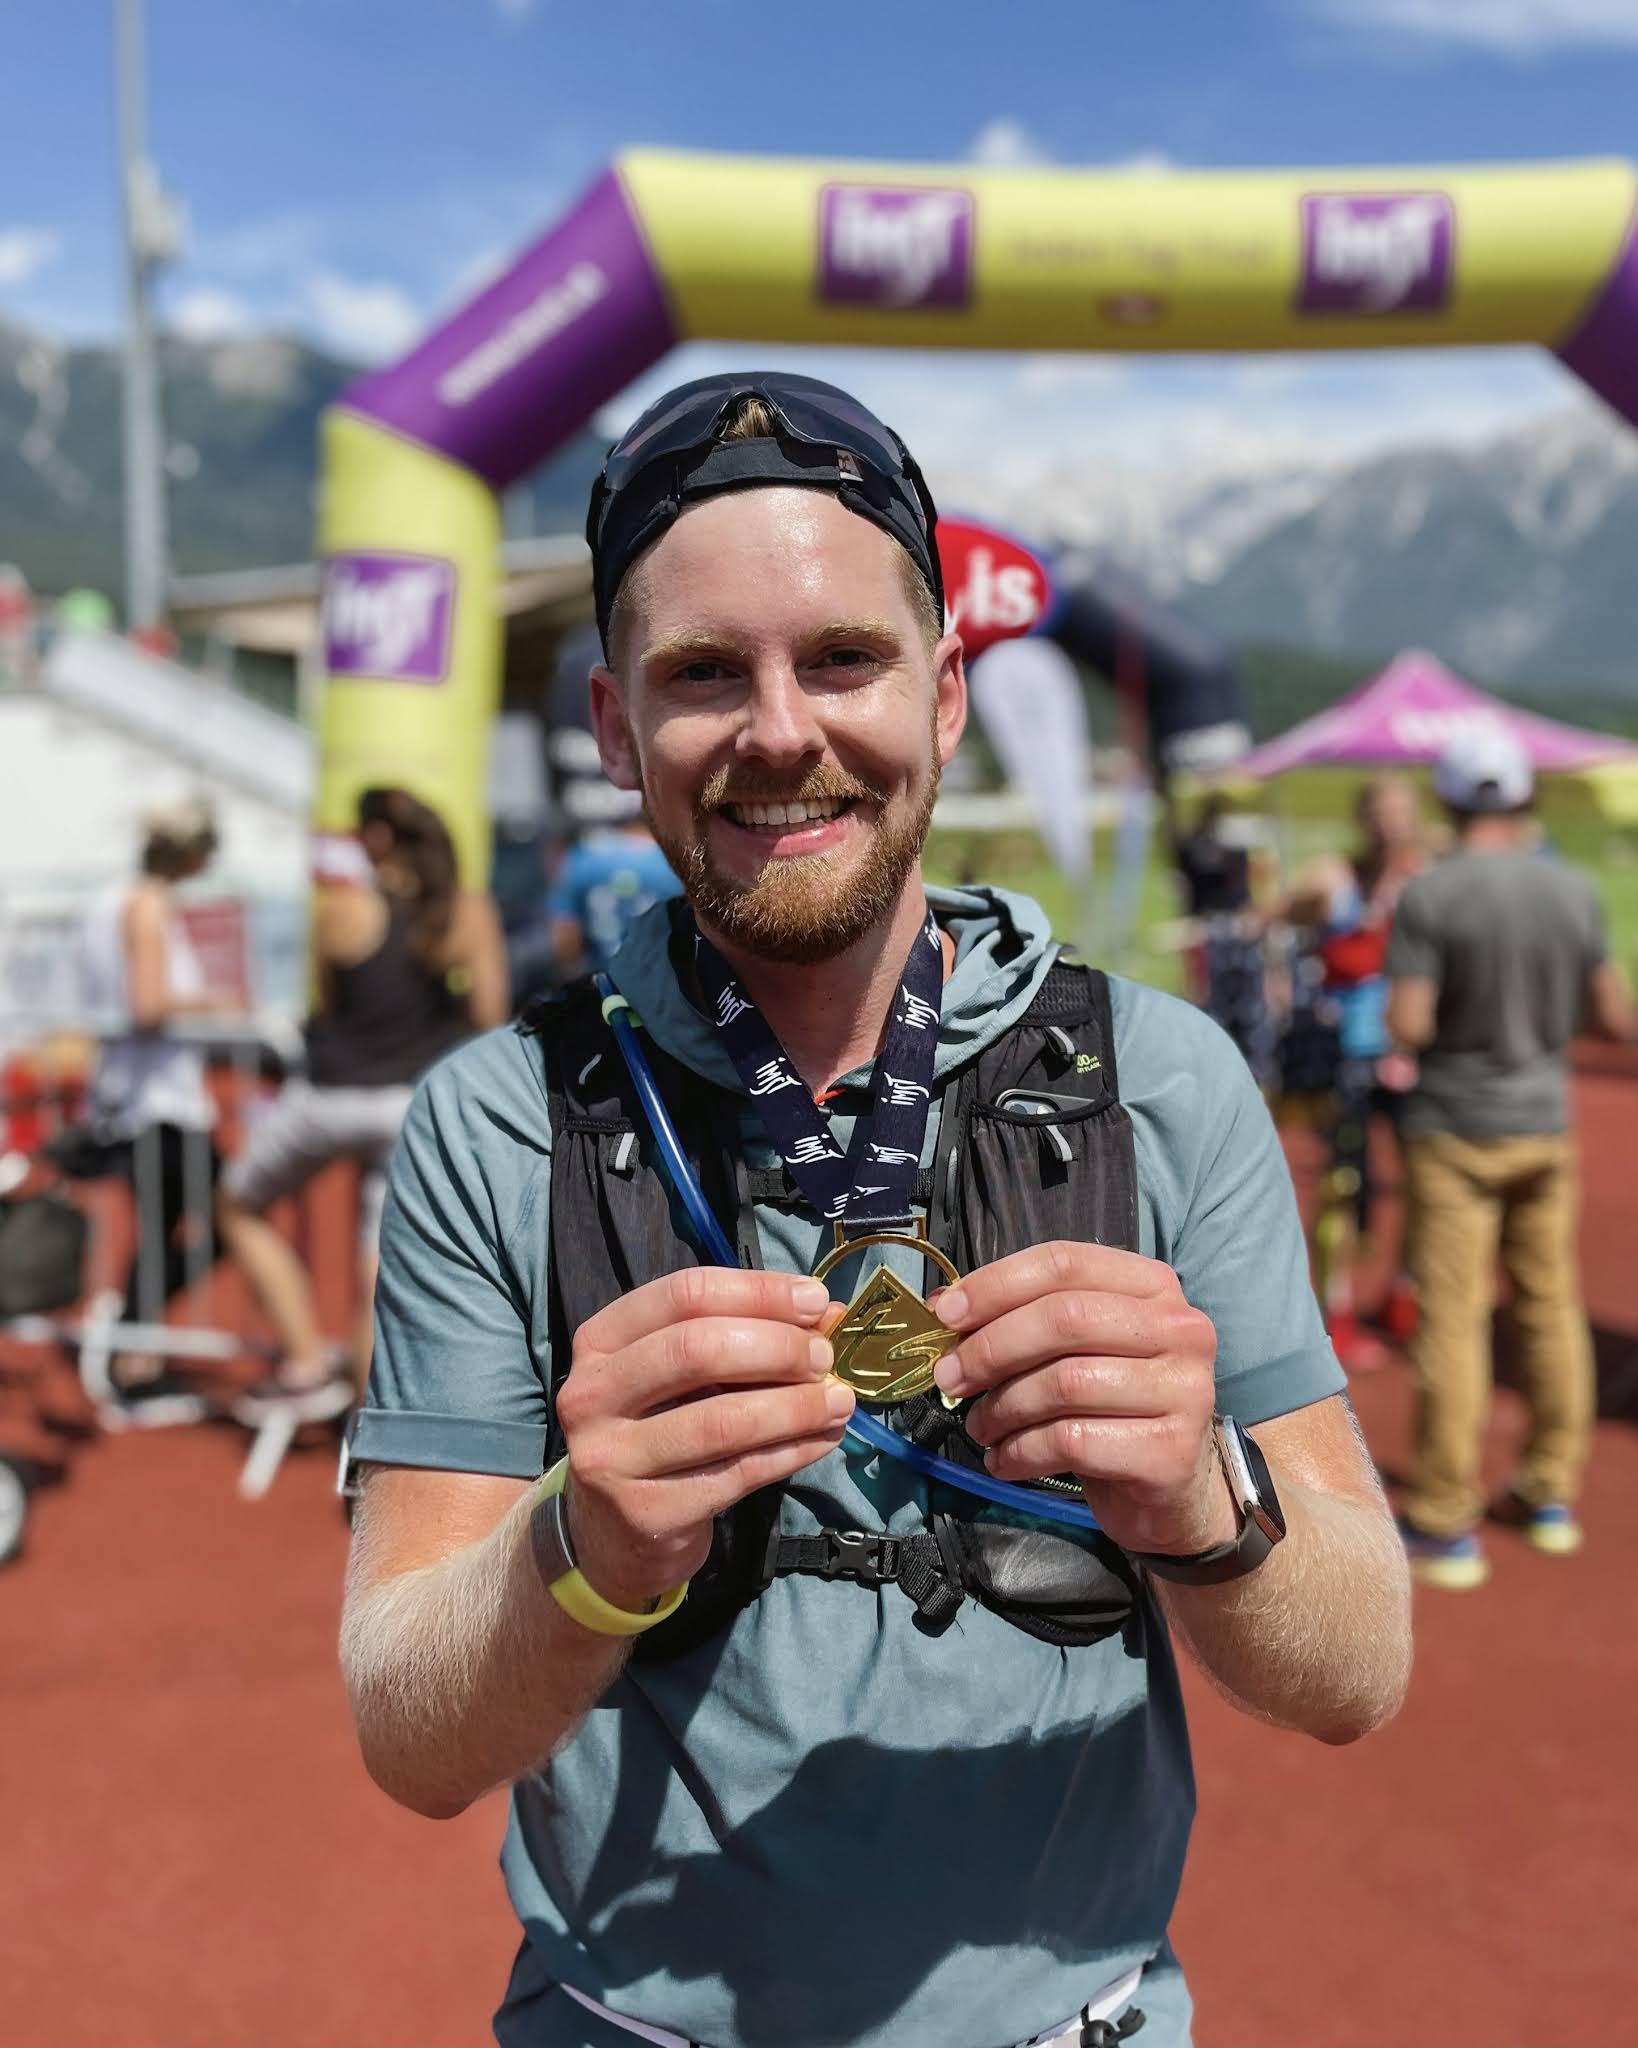 Tschirgant Sky Run Medaille Medal Imst